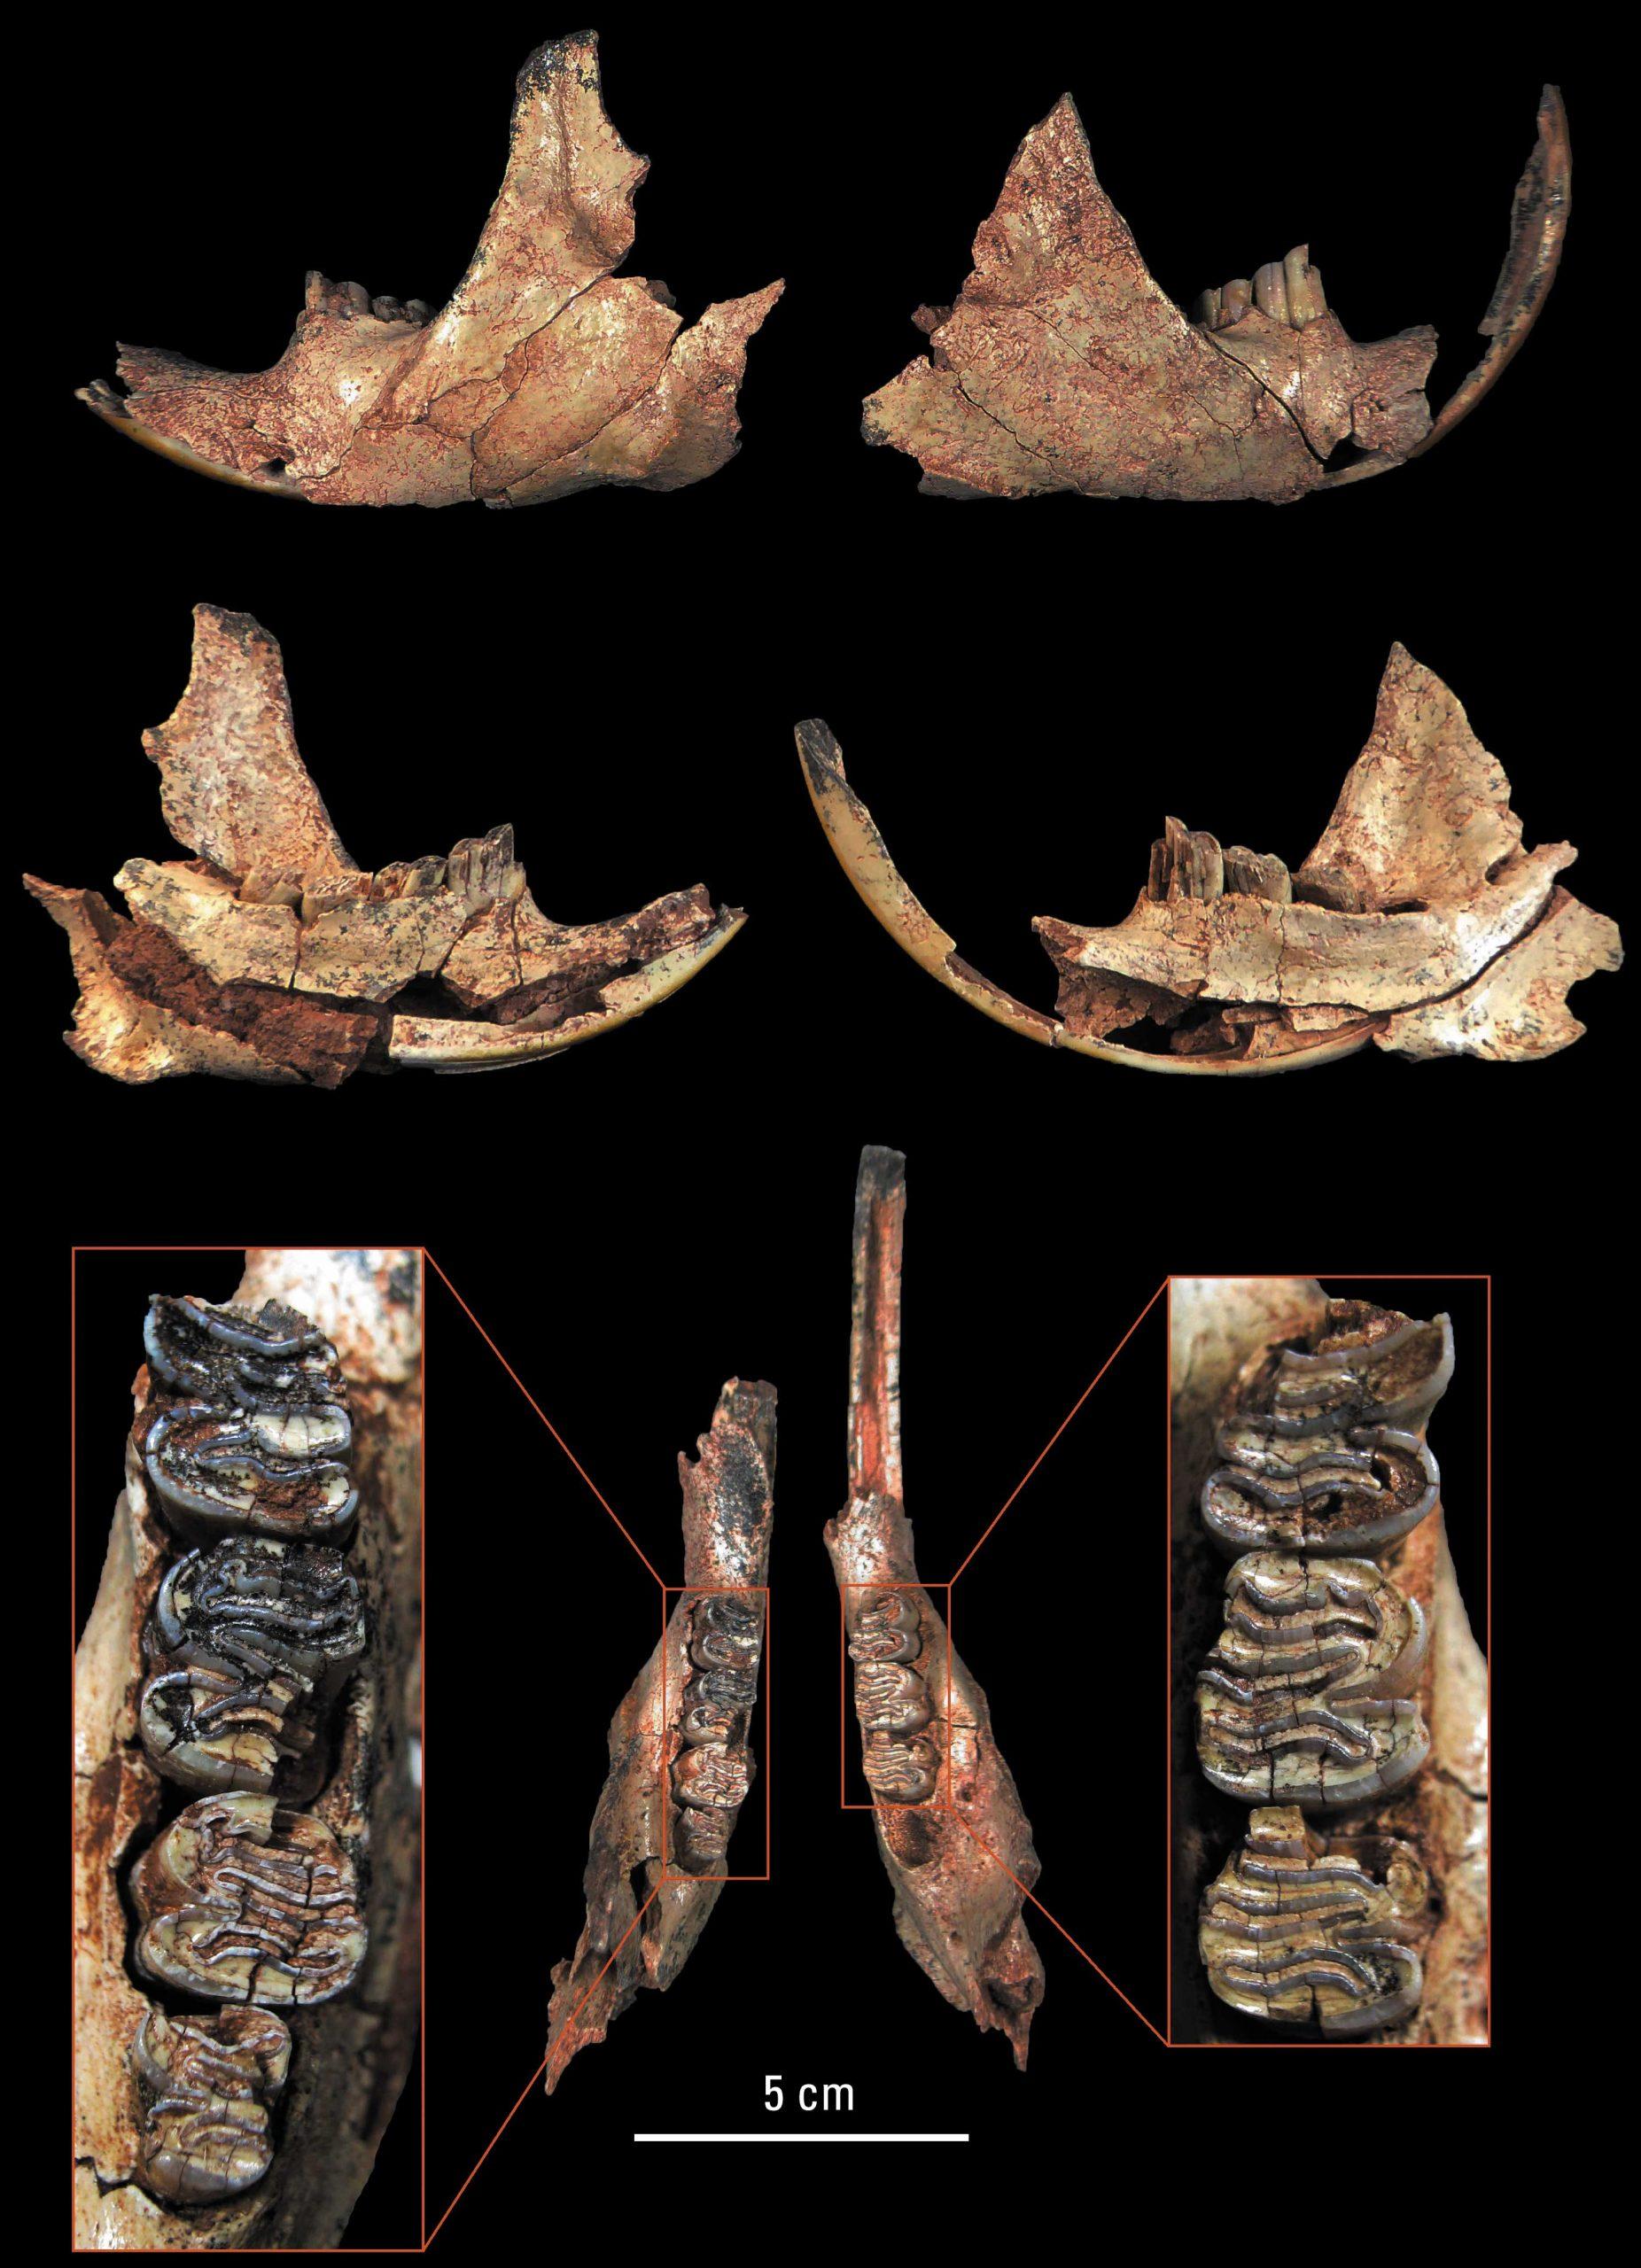 Beaver bones found in Level 9/10